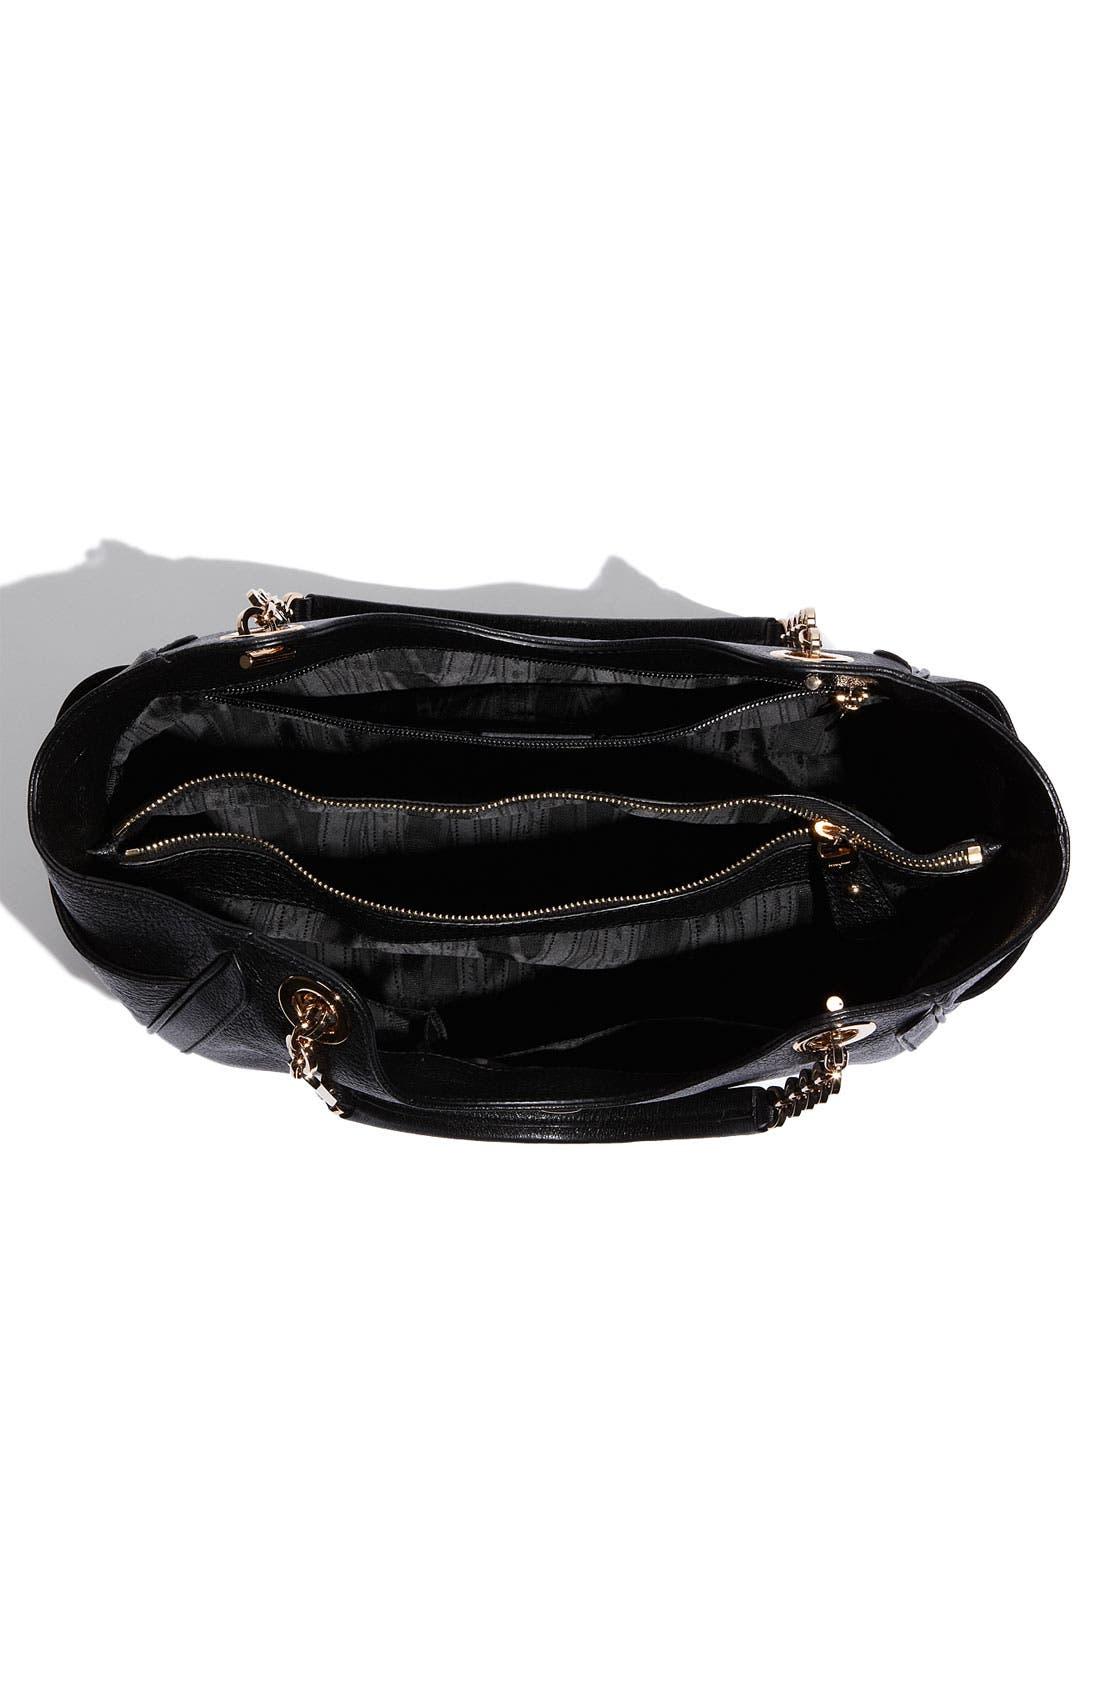 Alternate Image 3  - Salvatore Ferragamo 'Betulla Chain' Leather Shopper